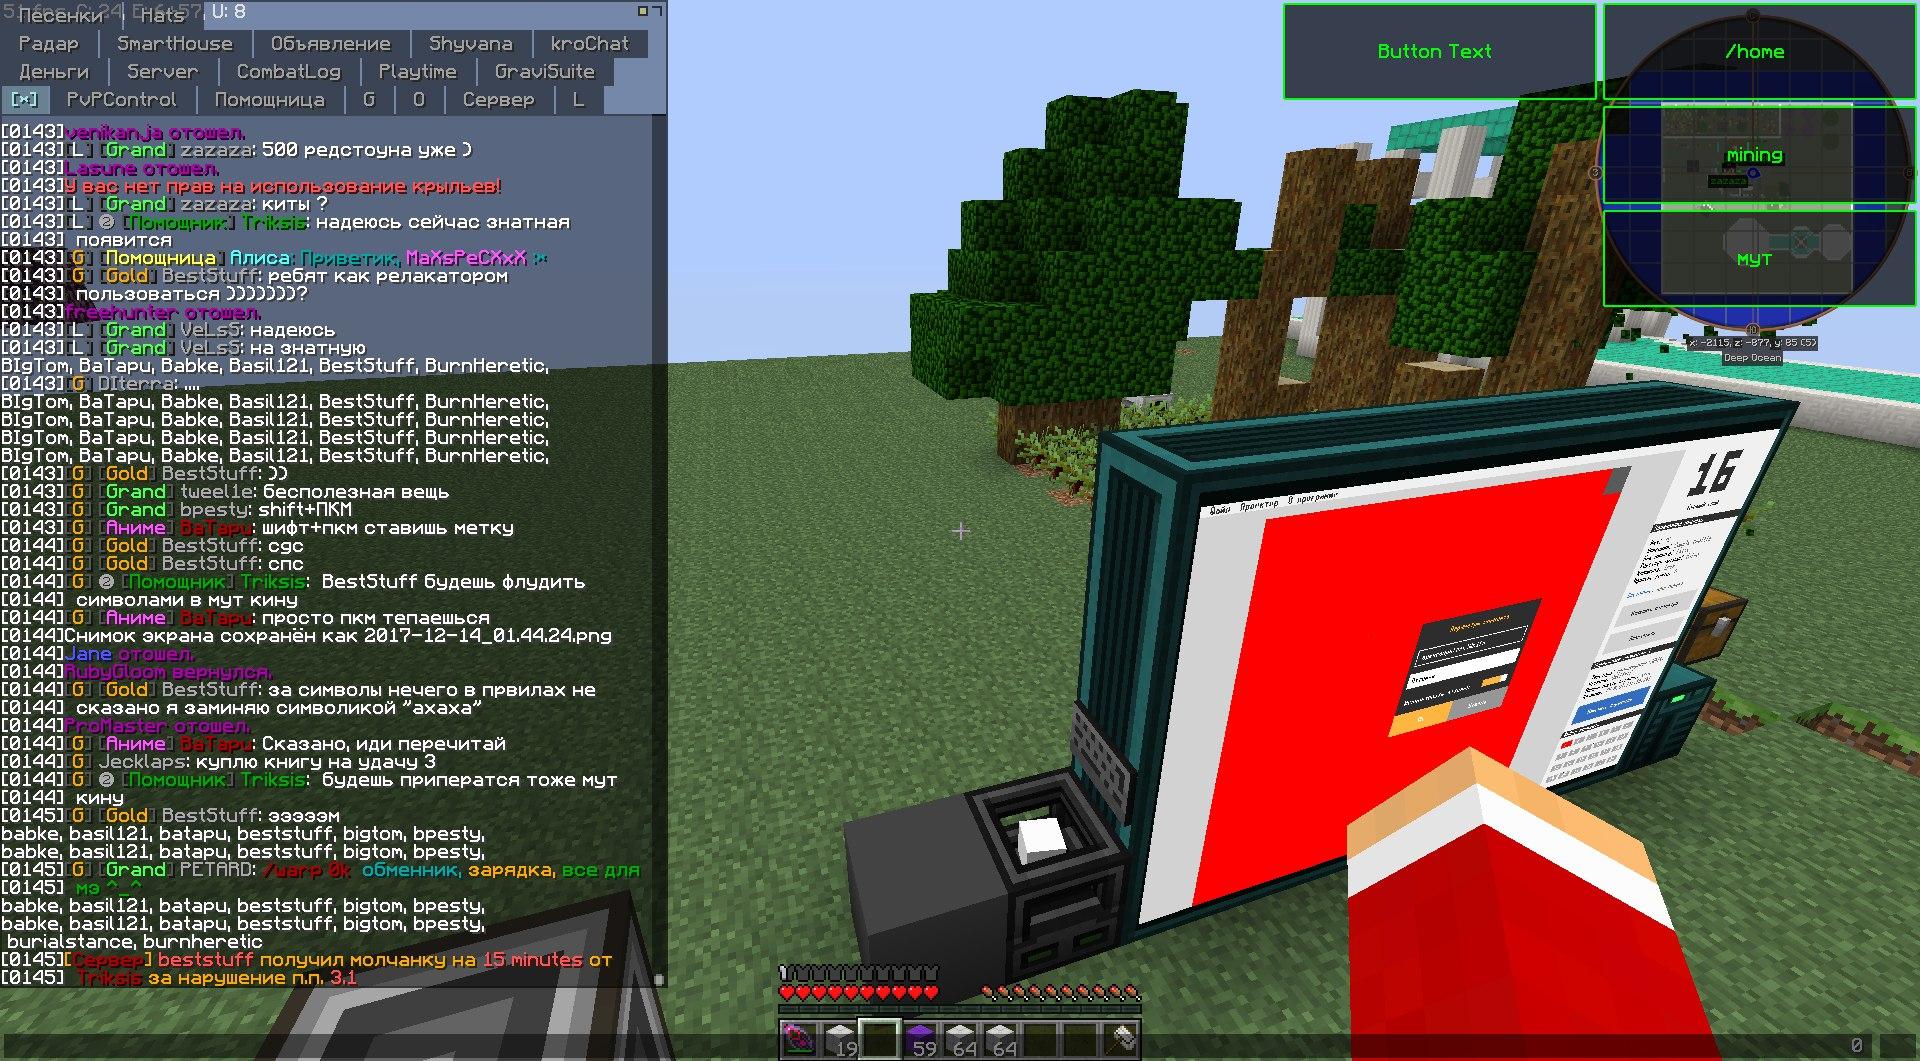 Emxm8CU2usc.jpg